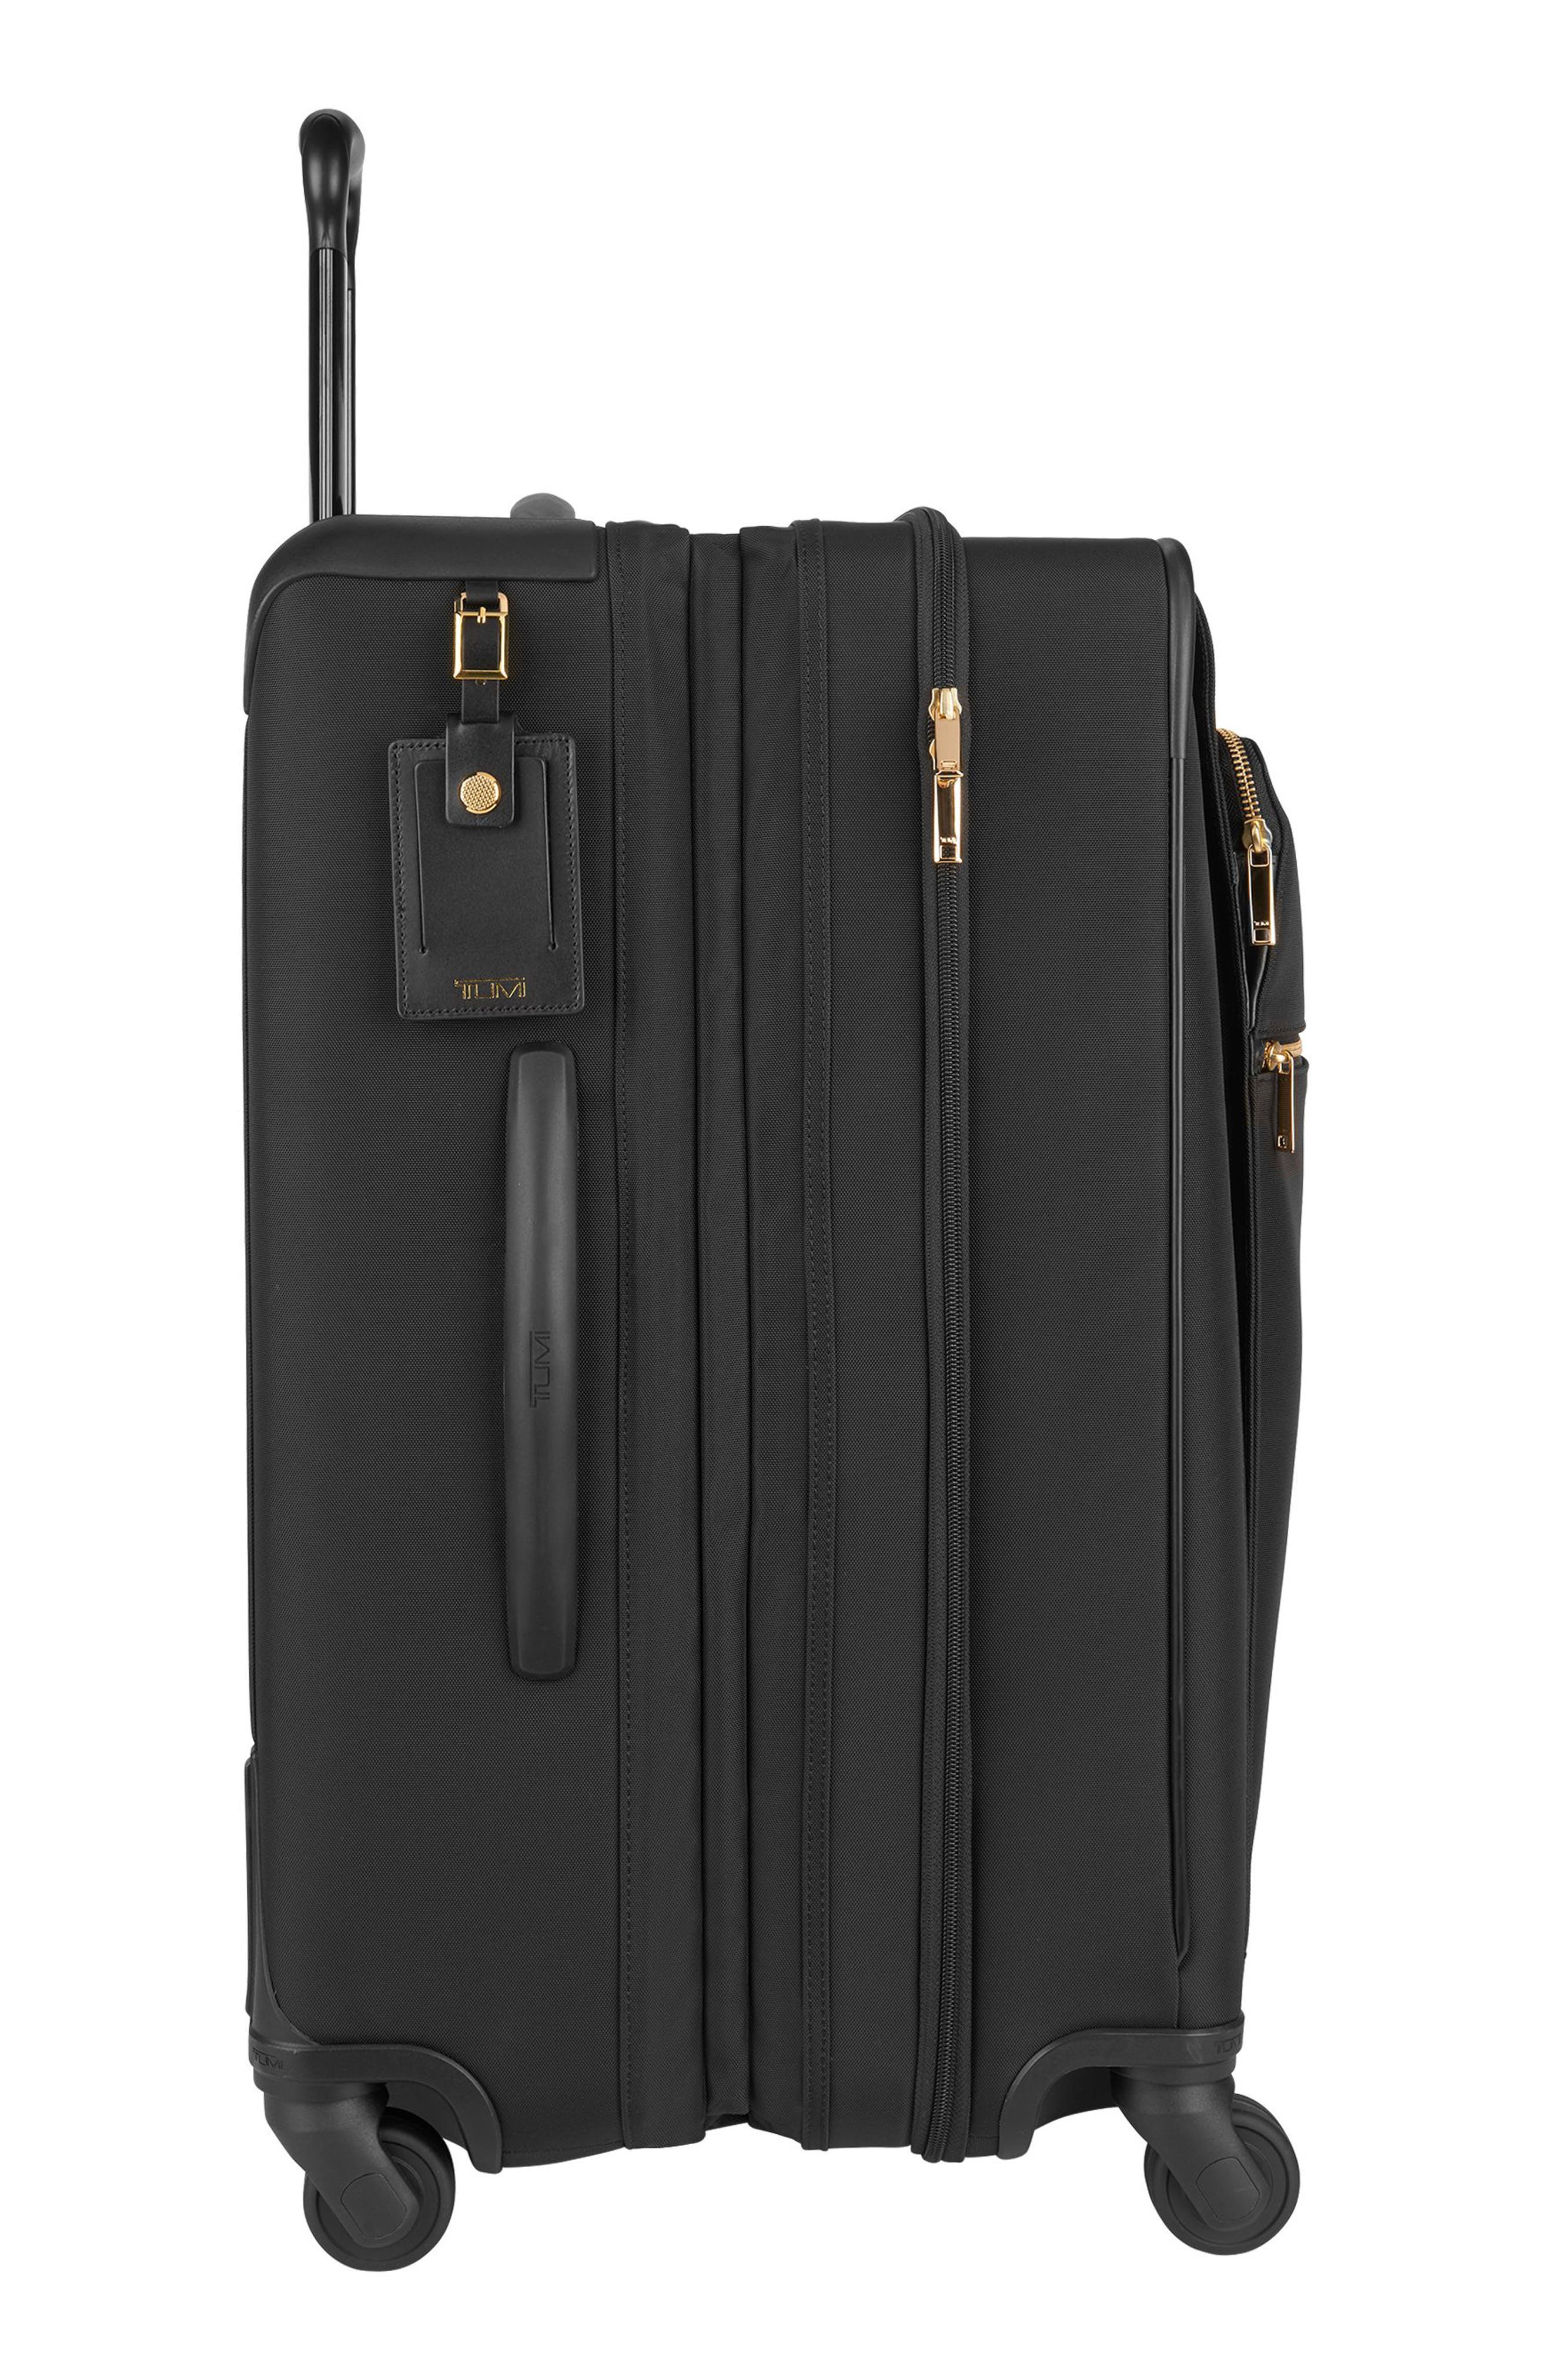 Larkin - Jess Short Trip 26-Inch Expandable 4-Wheel Suitcase,                             Alternate thumbnail 5, color,                             BLACK